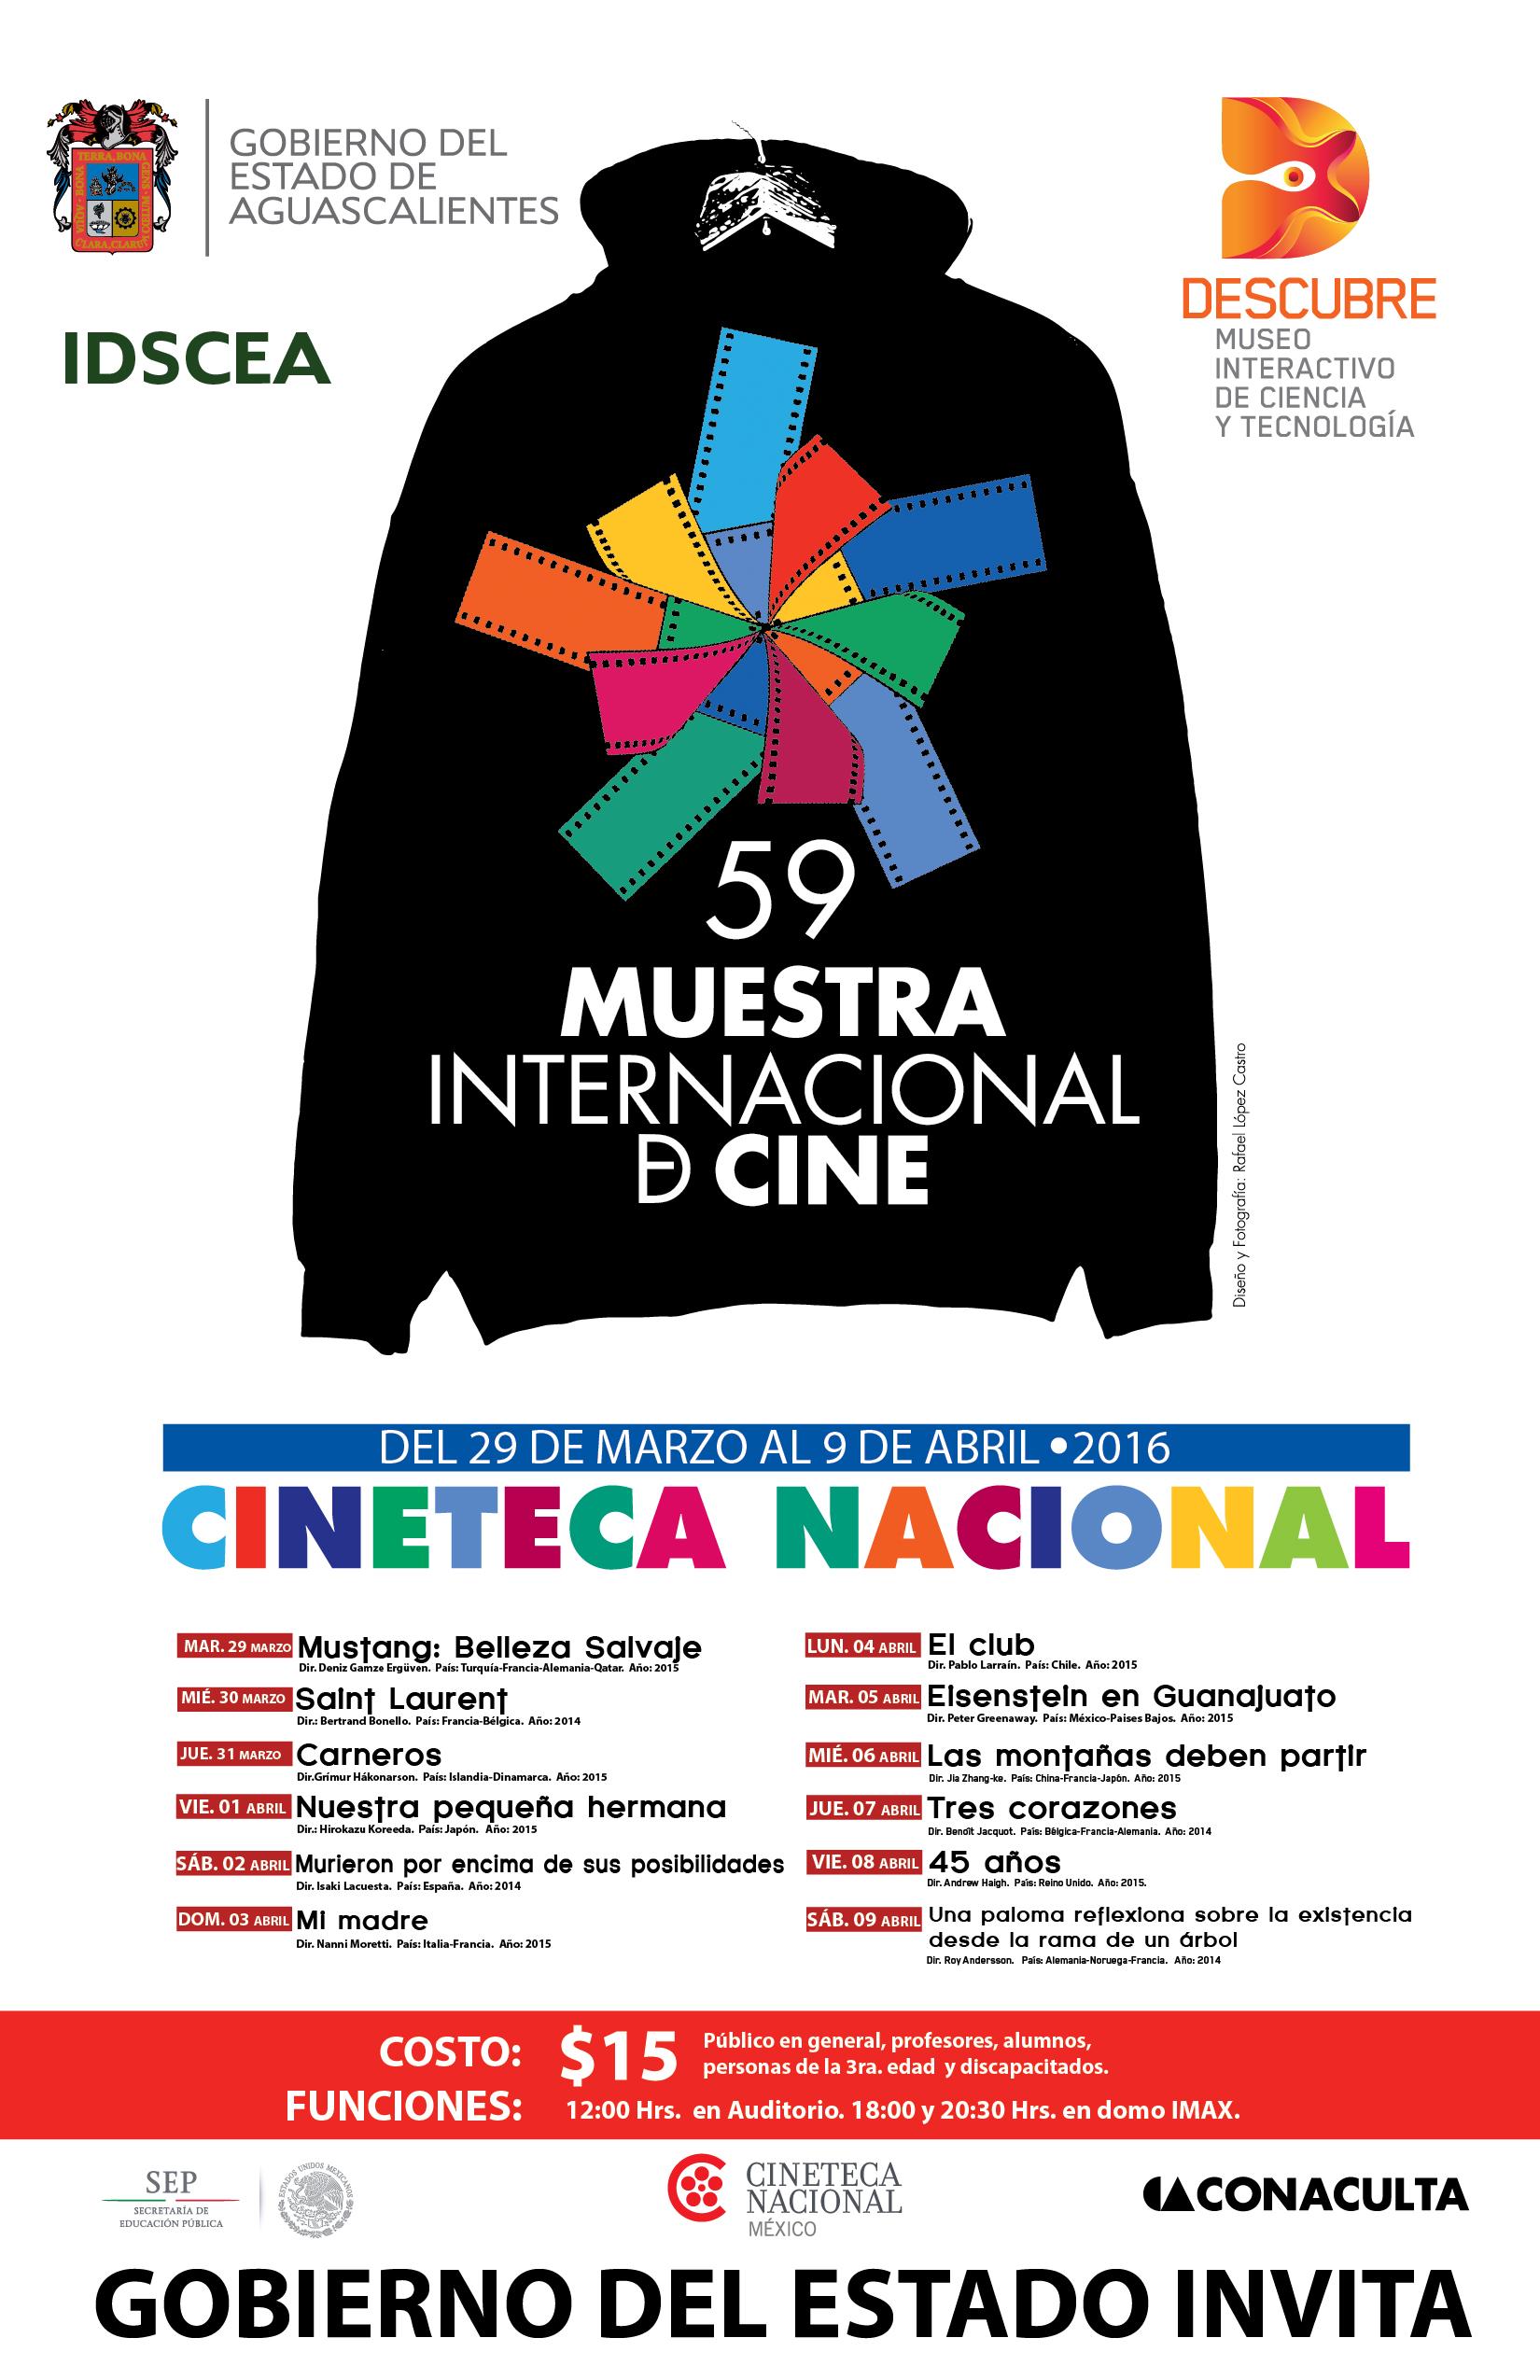 59 Muestra Internacional de Cine en Museo Descubre